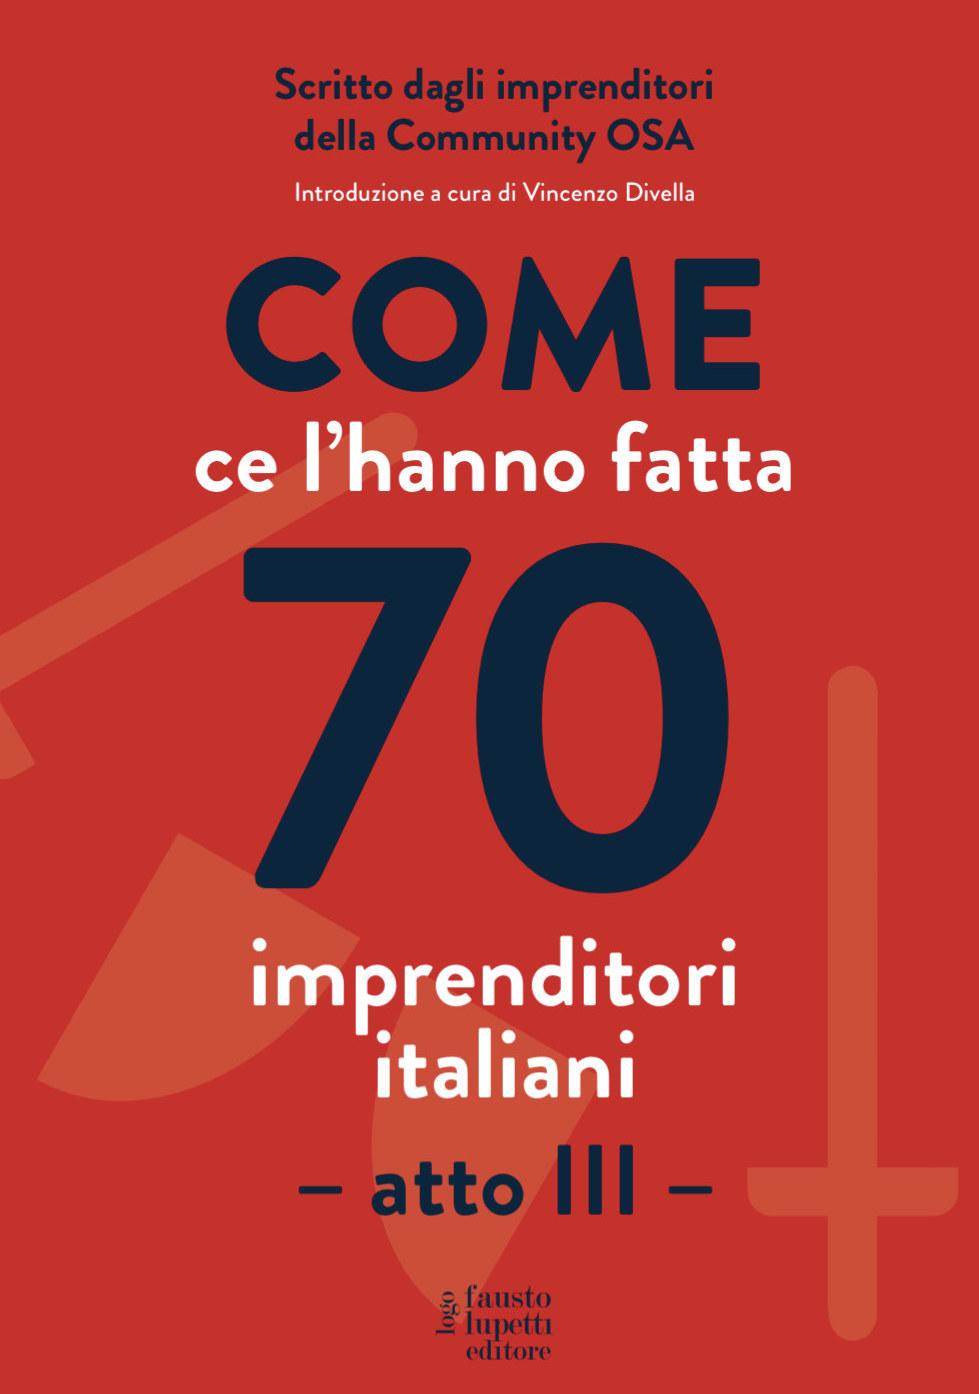 Come ce l'hanno fatta 70 imprenditori italiani - atto III